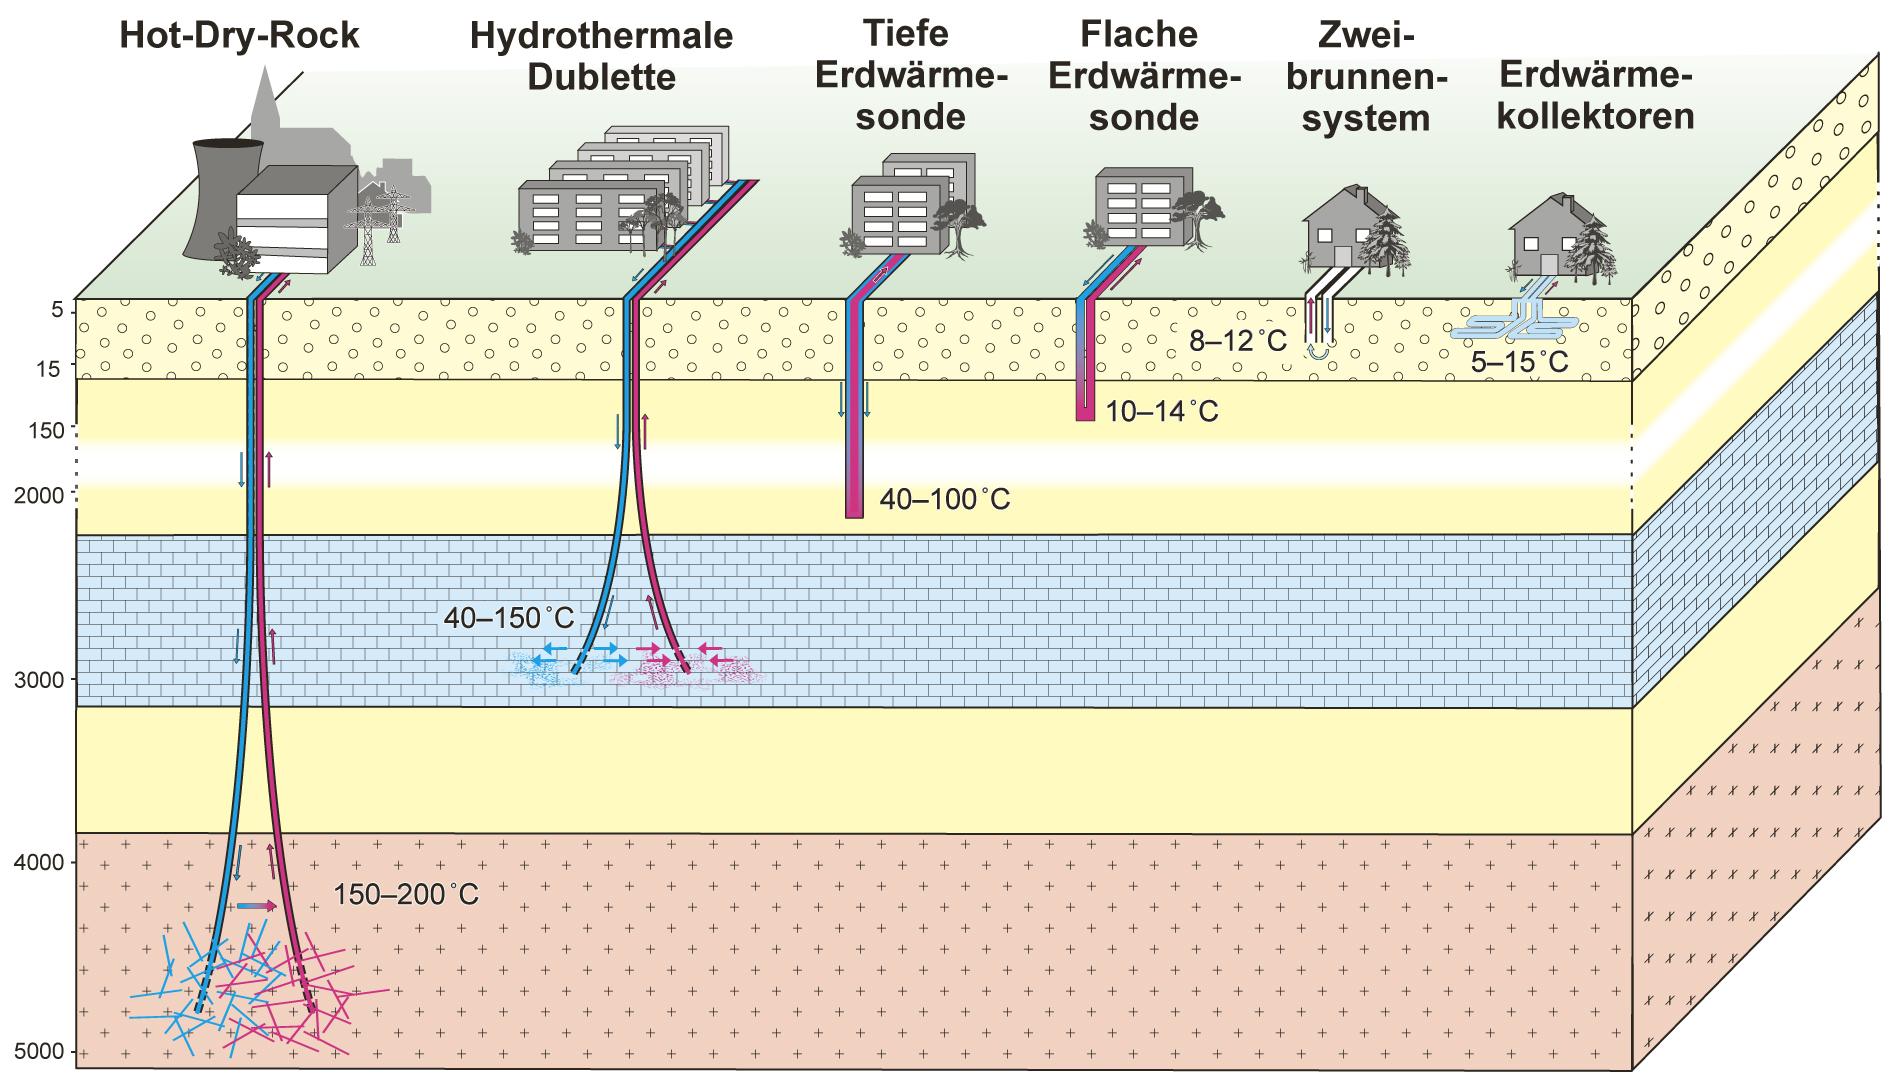 Energie - LfU Blockbild Erdwärme